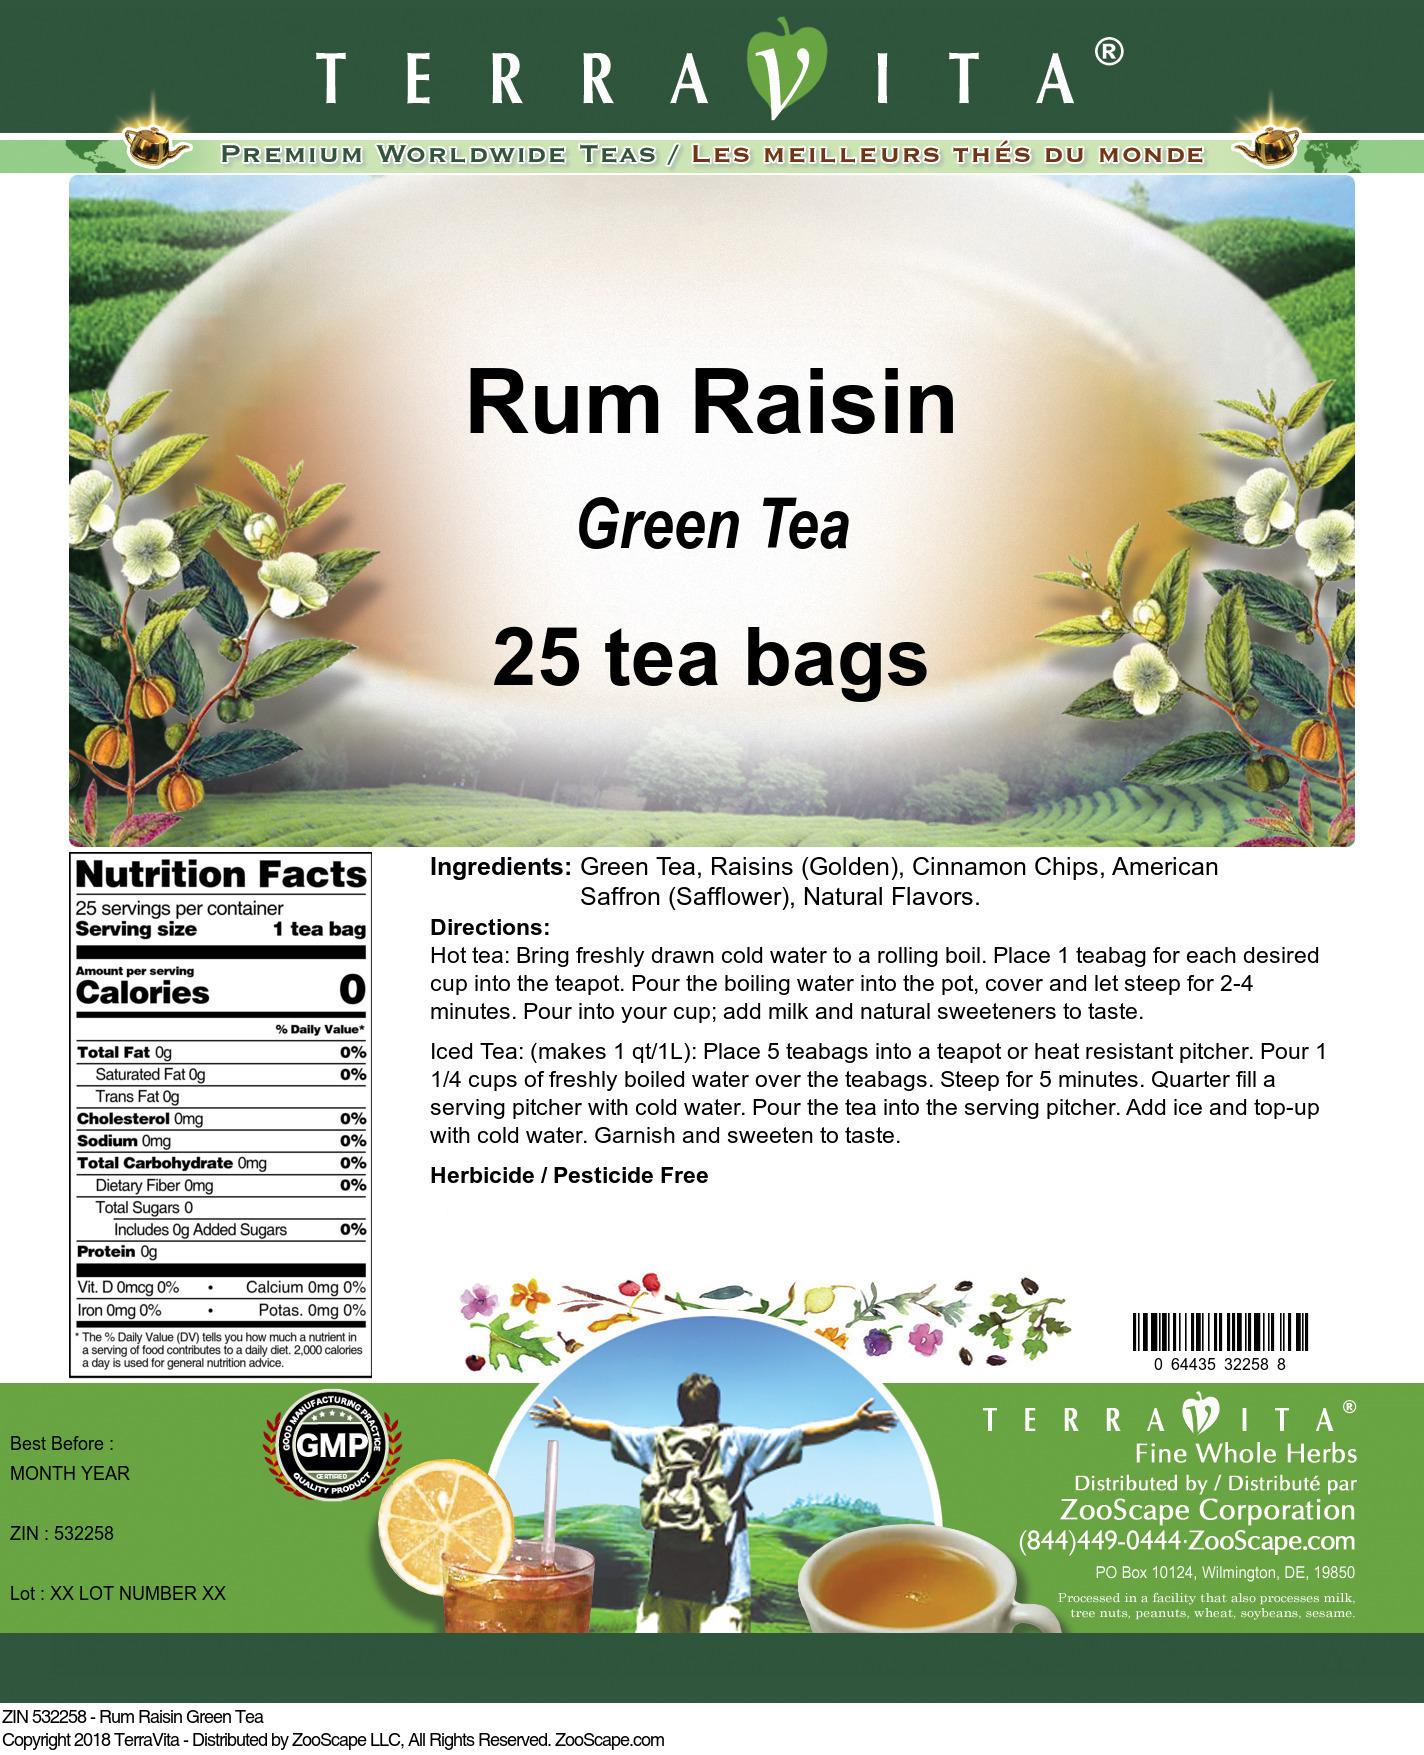 Rum Raisin Green Tea